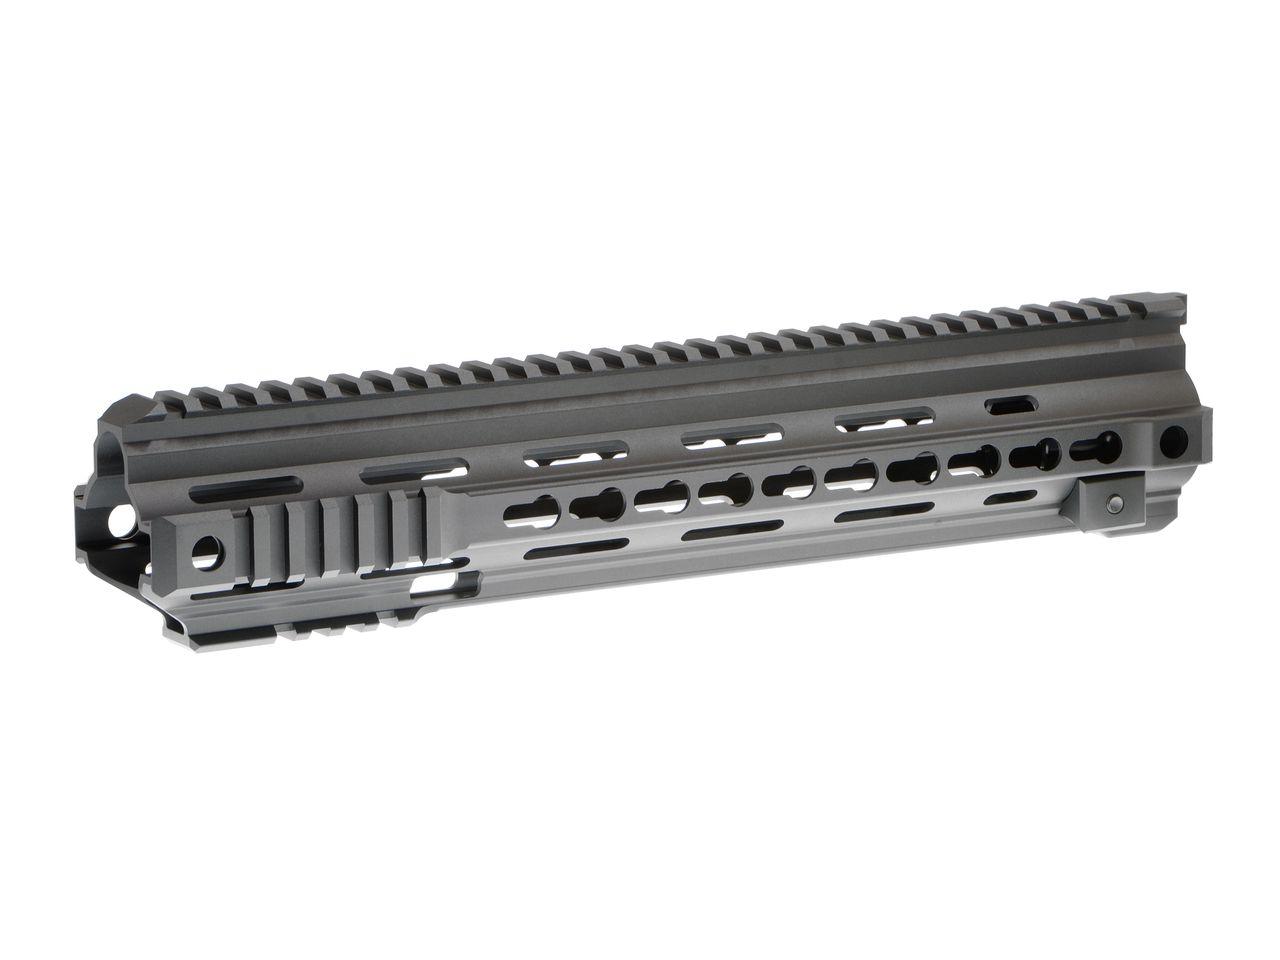 VFC HK416 13in レイルシステム